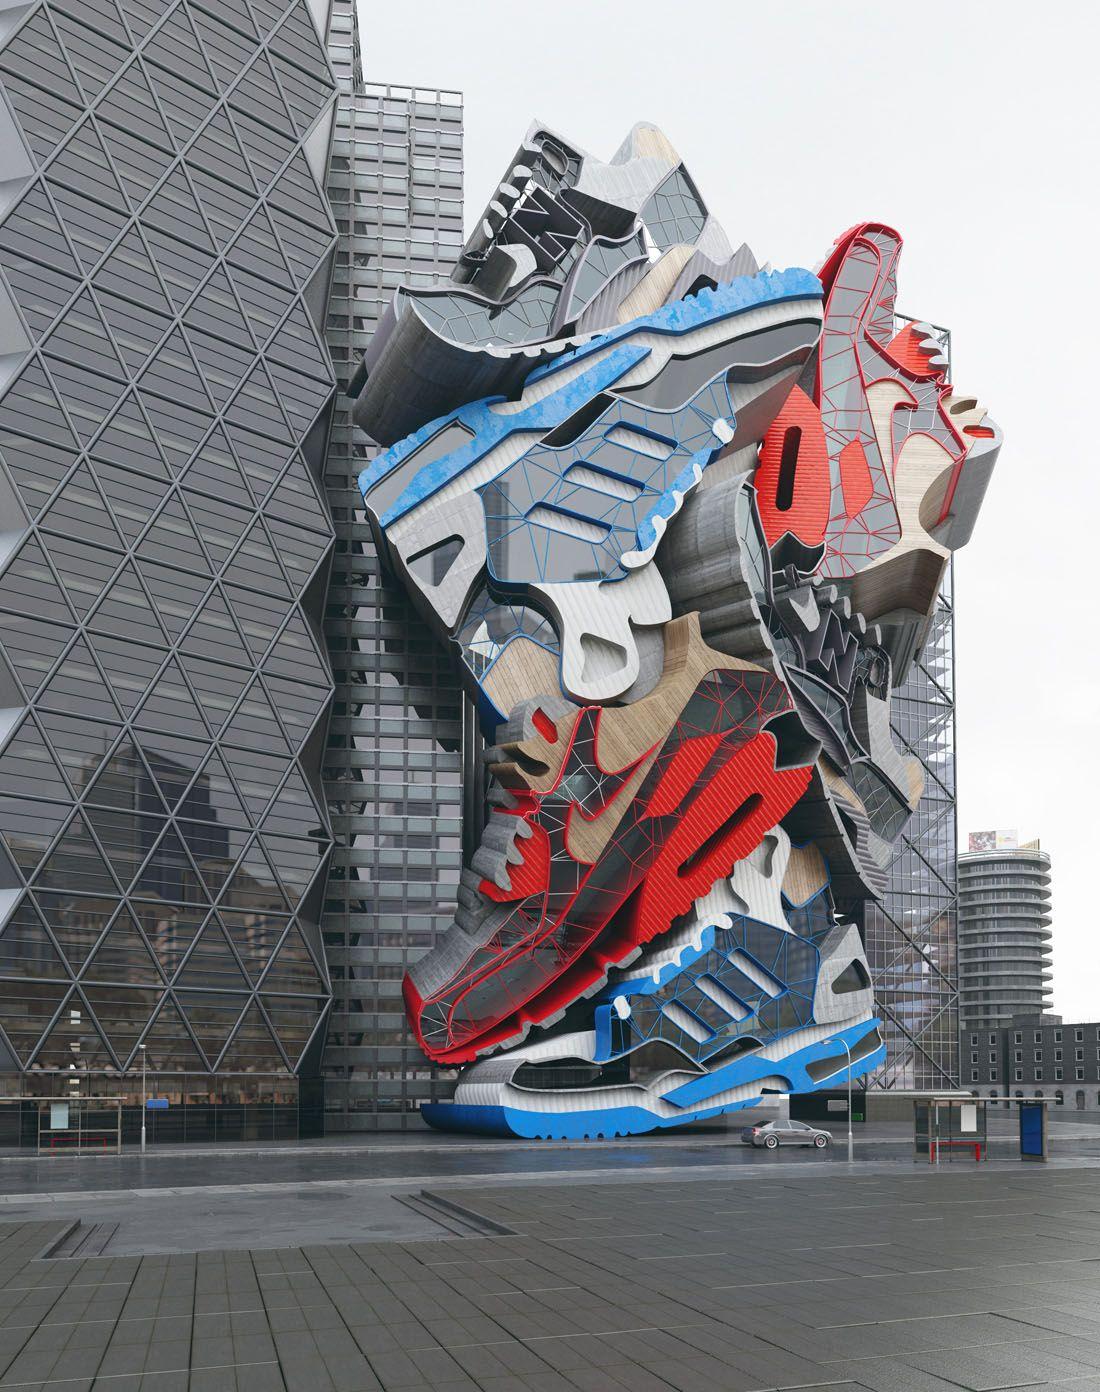 Sneaker Tectonics Skulpturen, Sammlung, Bilder, Erstaunliche Architektur,  Moderne Architektur, Installationen In